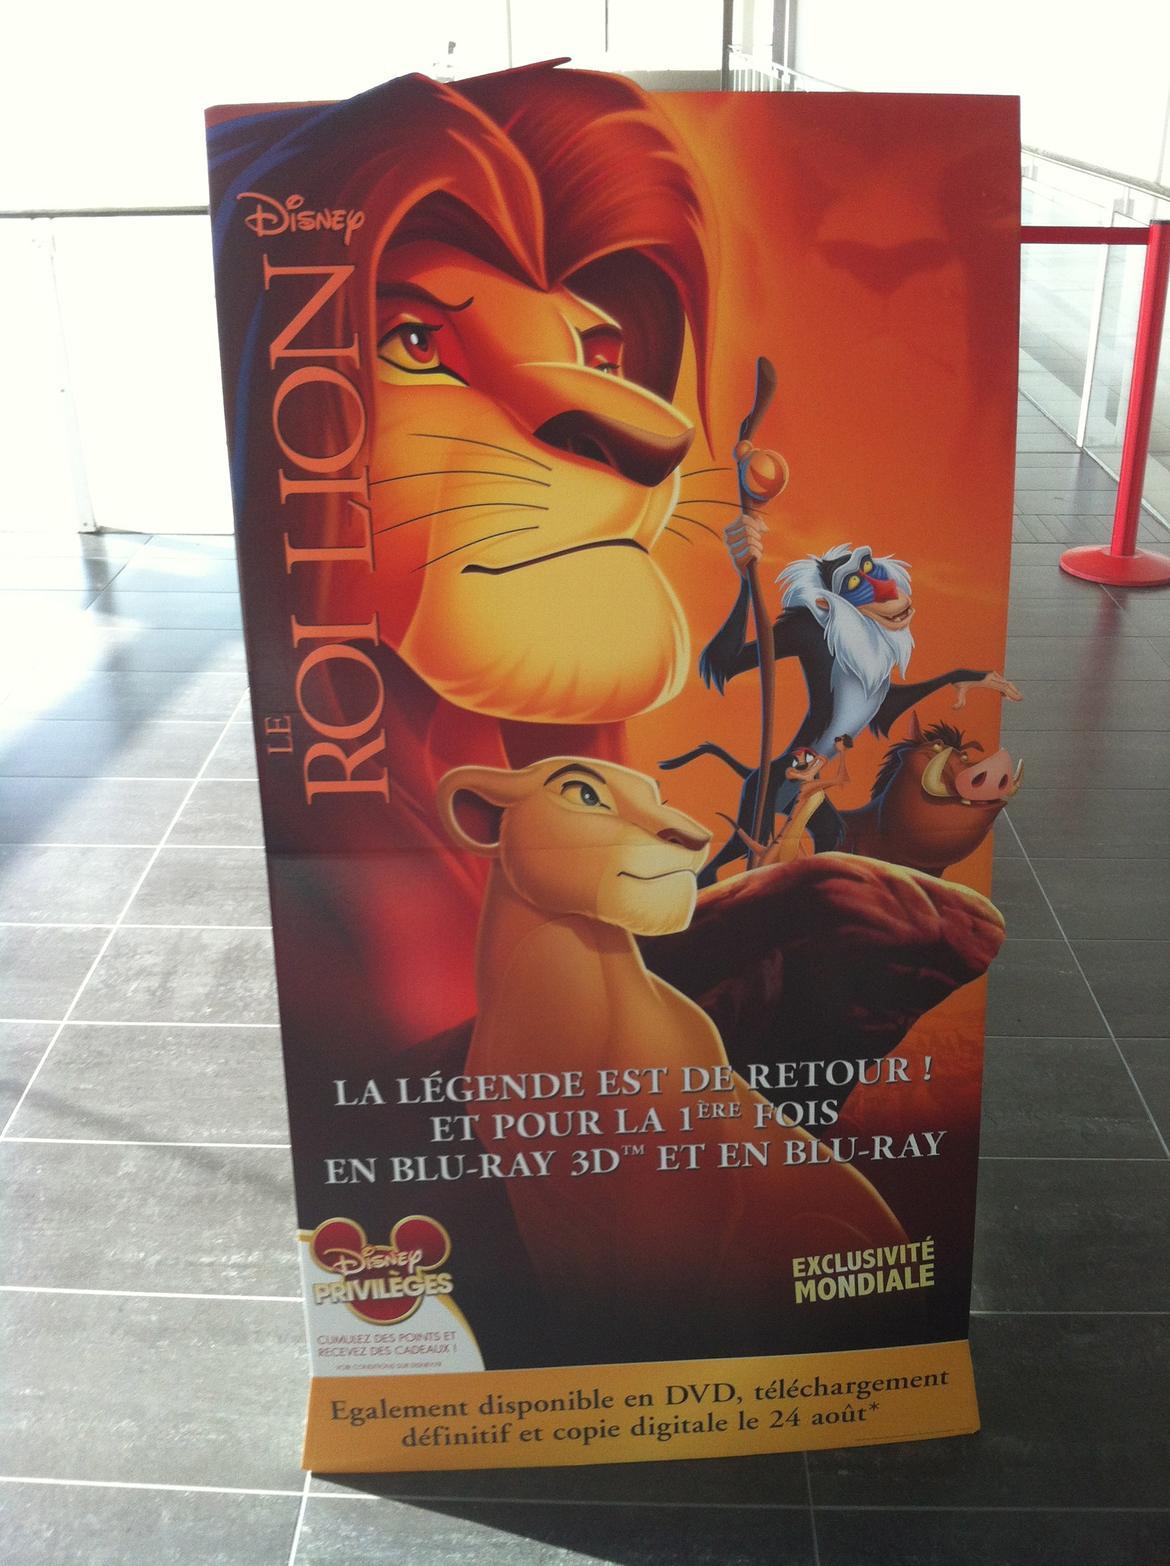 Sortie DVD, Blu-ray et Blu-ray 3D du Roi Lion le 24 août 2011. Retour sur la projection du film en 3D au MK2 Bibliothèque (Concours inside) 5